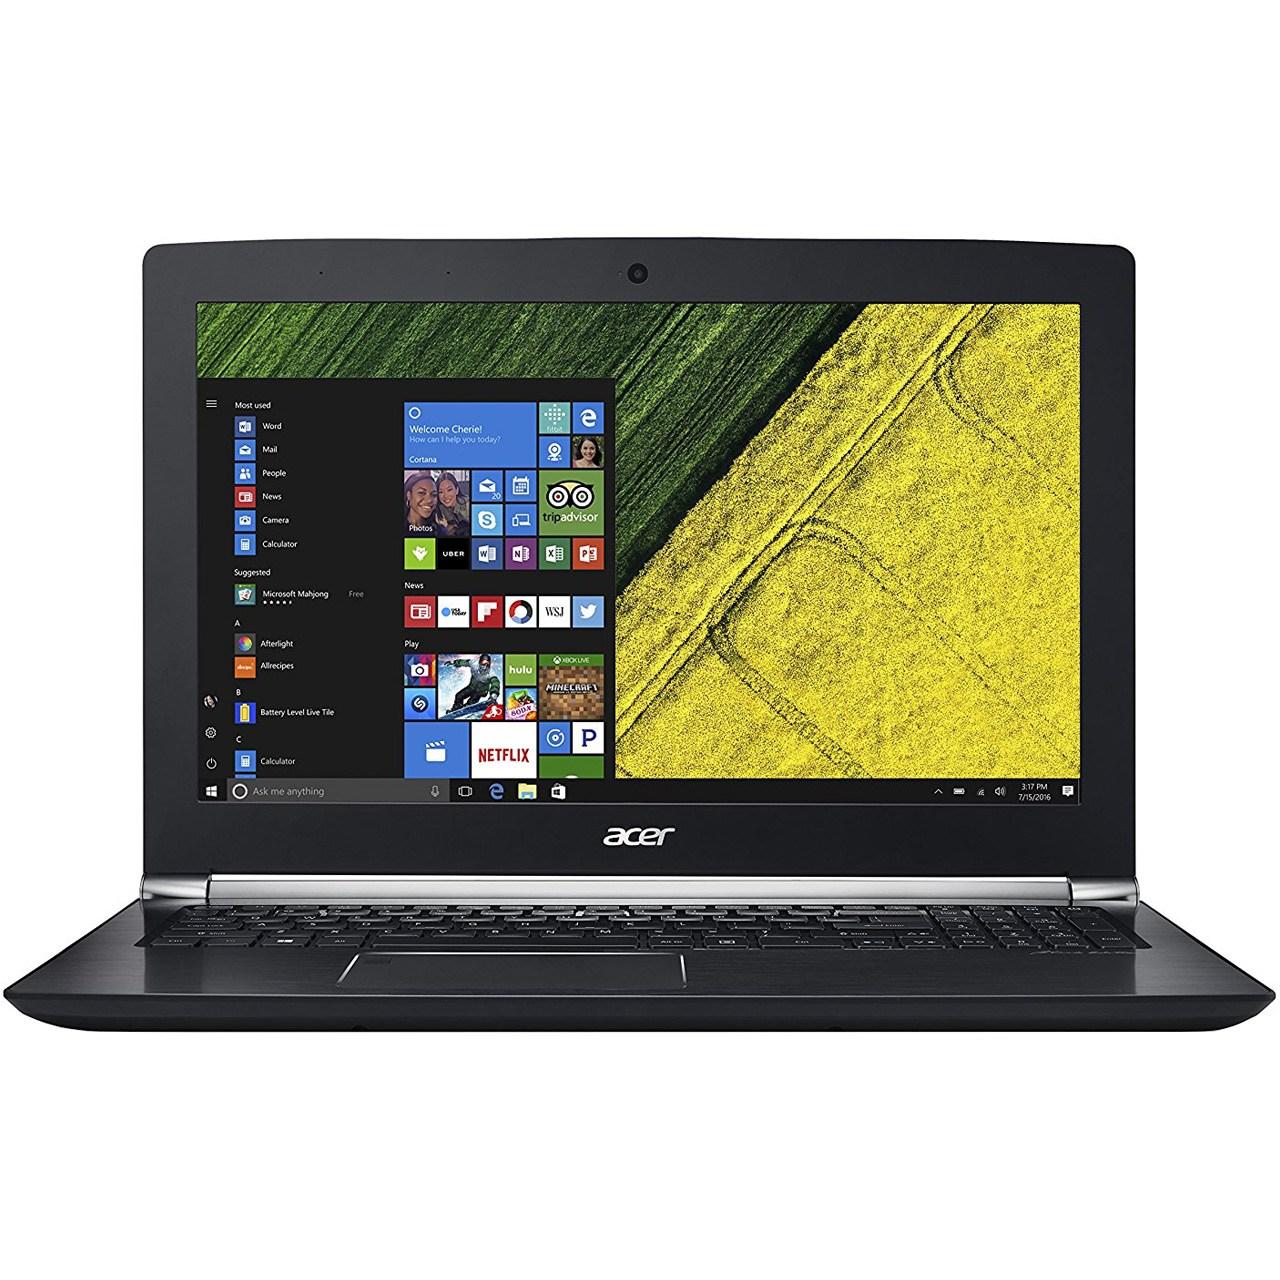 لپ تاپ 15 اینچی ایسر مدل Aspire V15 Nitro VN7-593G-78KU